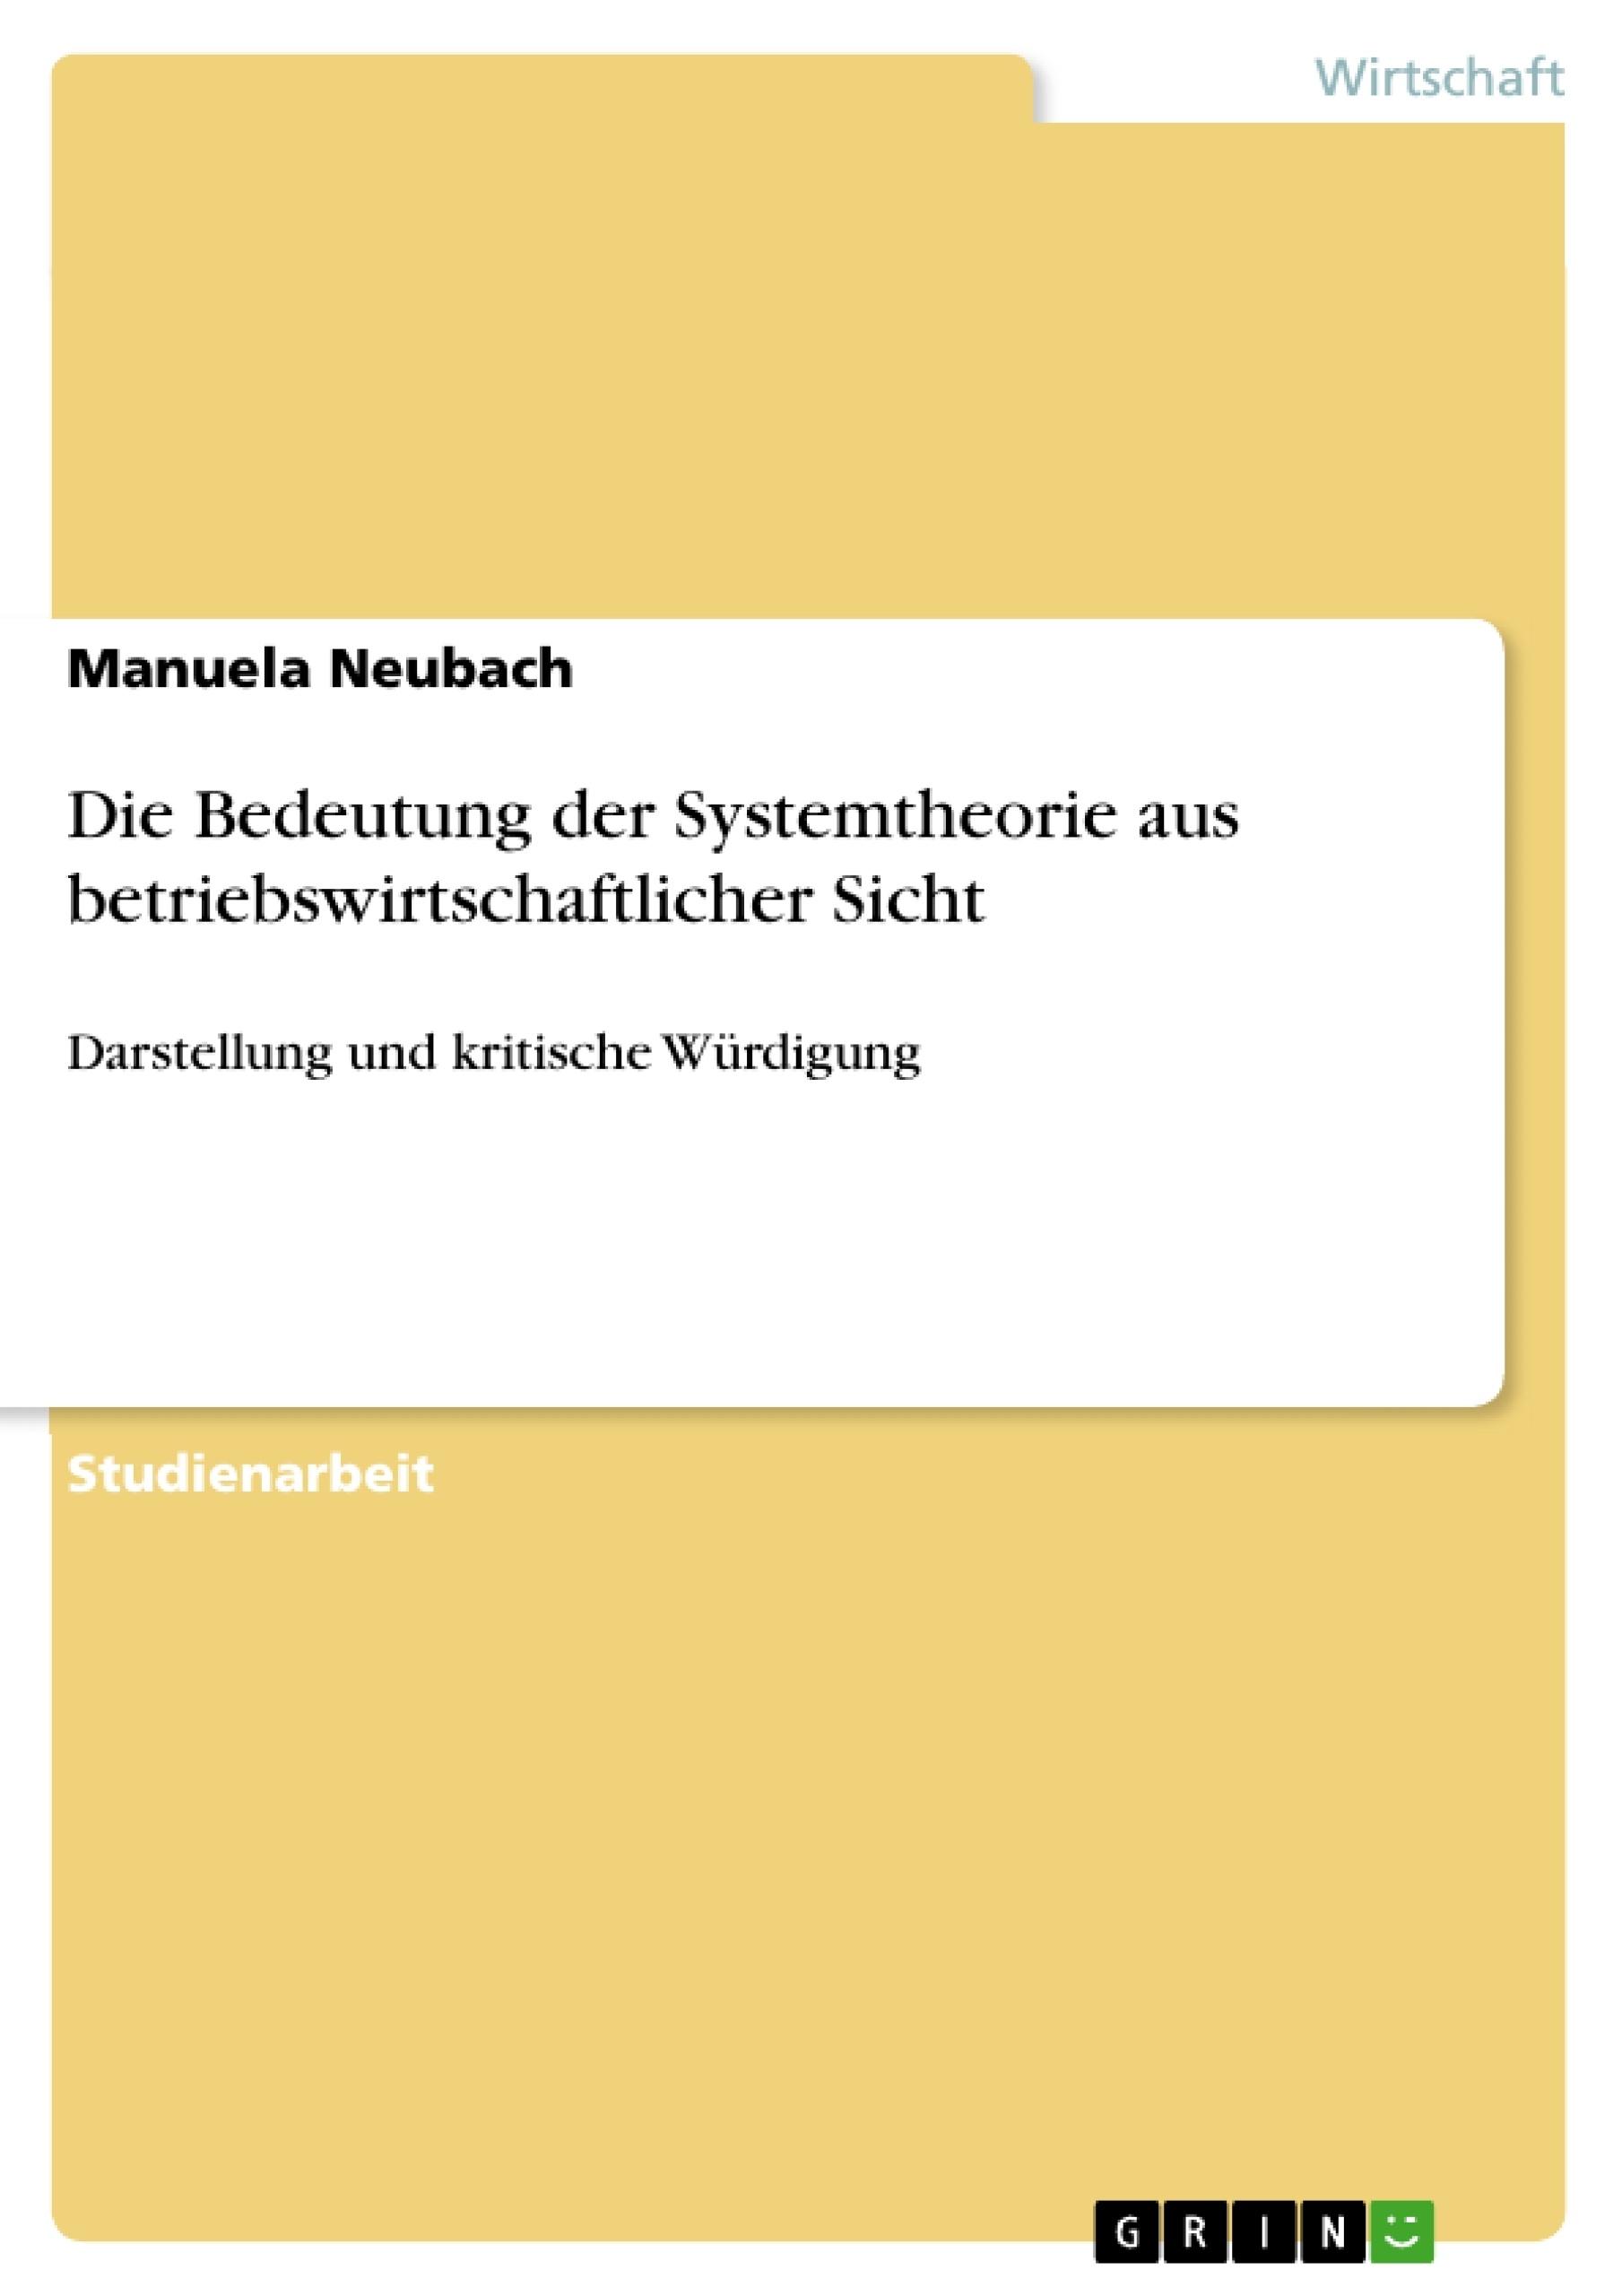 Titel: Die Bedeutung der Systemtheorie aus betriebswirtschaftlicher Sicht